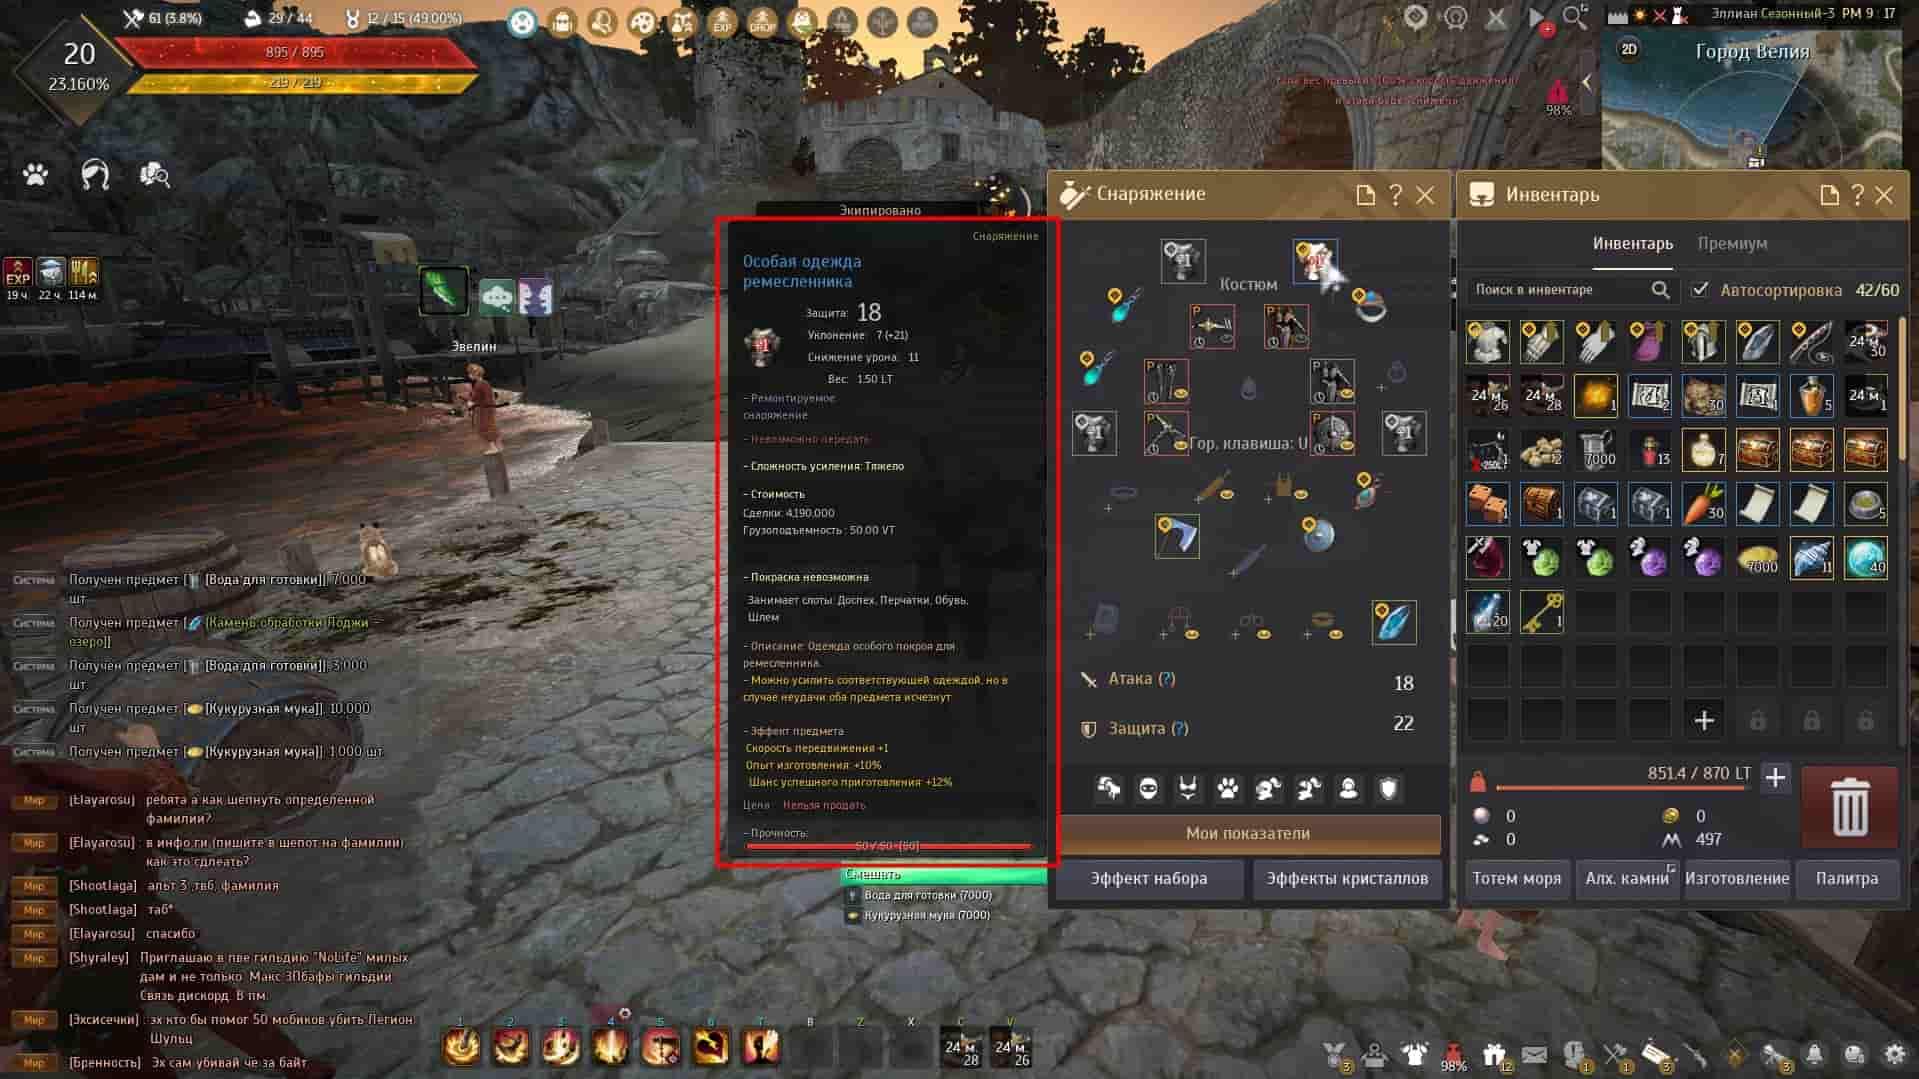 Гайд по изготовлению в Black Desert Online (БДО)